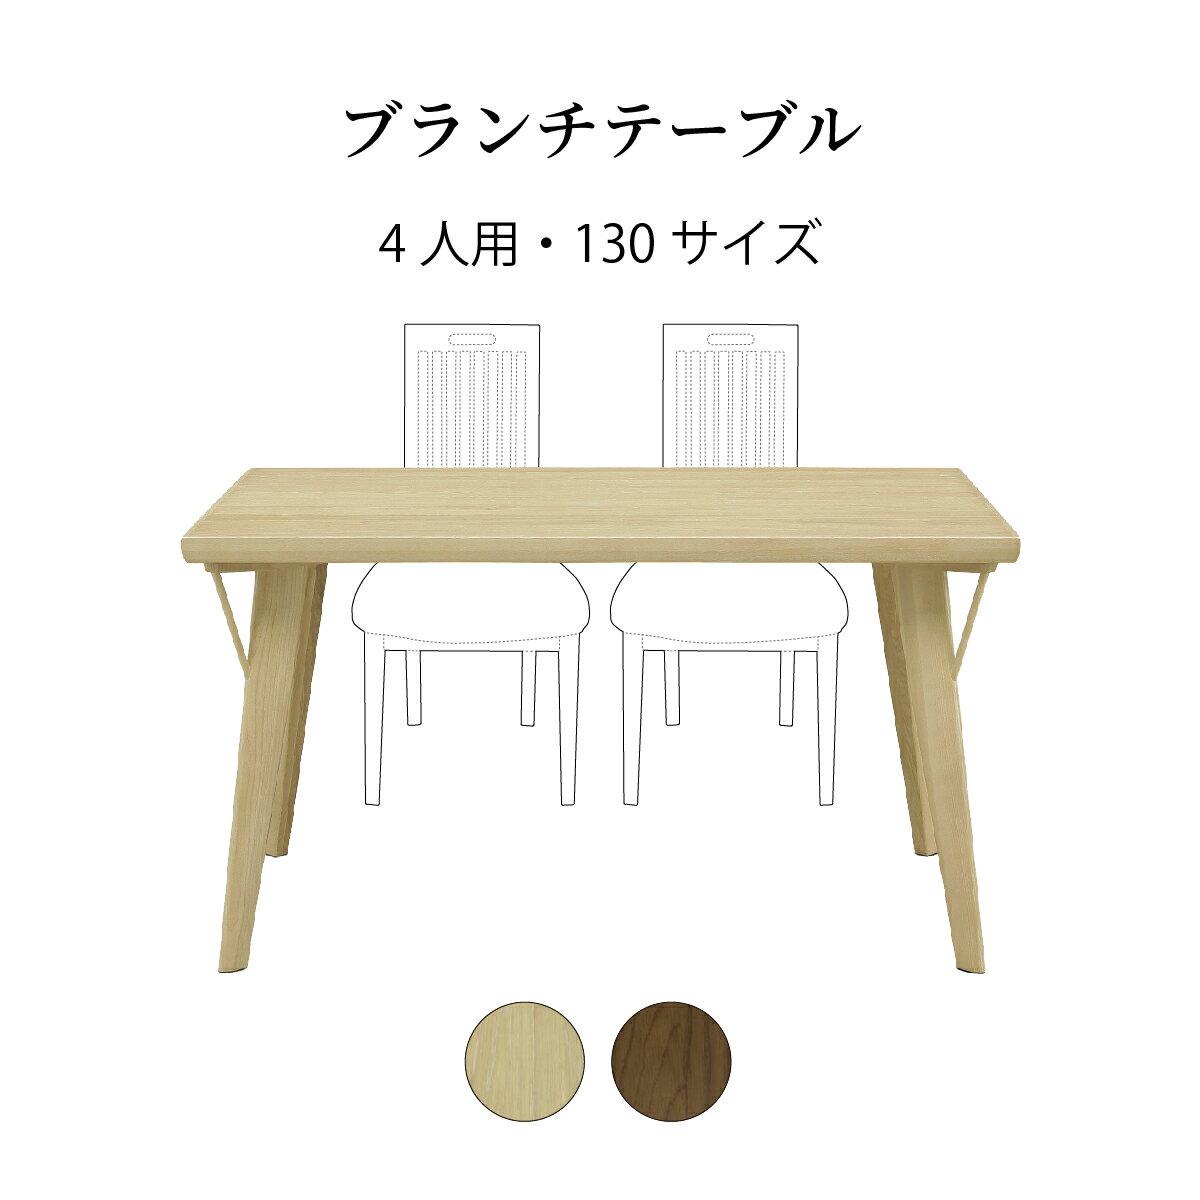 ダイニングテーブル 北欧 テーブル 木製 コンパクト かわいい リビングテーブル 食卓 おしゃれ テーブル 木製 4人掛け 幅 130 cm 四人用 4人用 木目調 白 ホワイト 茶 ブラウン ナチュラル カフェ 風 シンプル 食卓テーブル 小さめ 木目 長方形